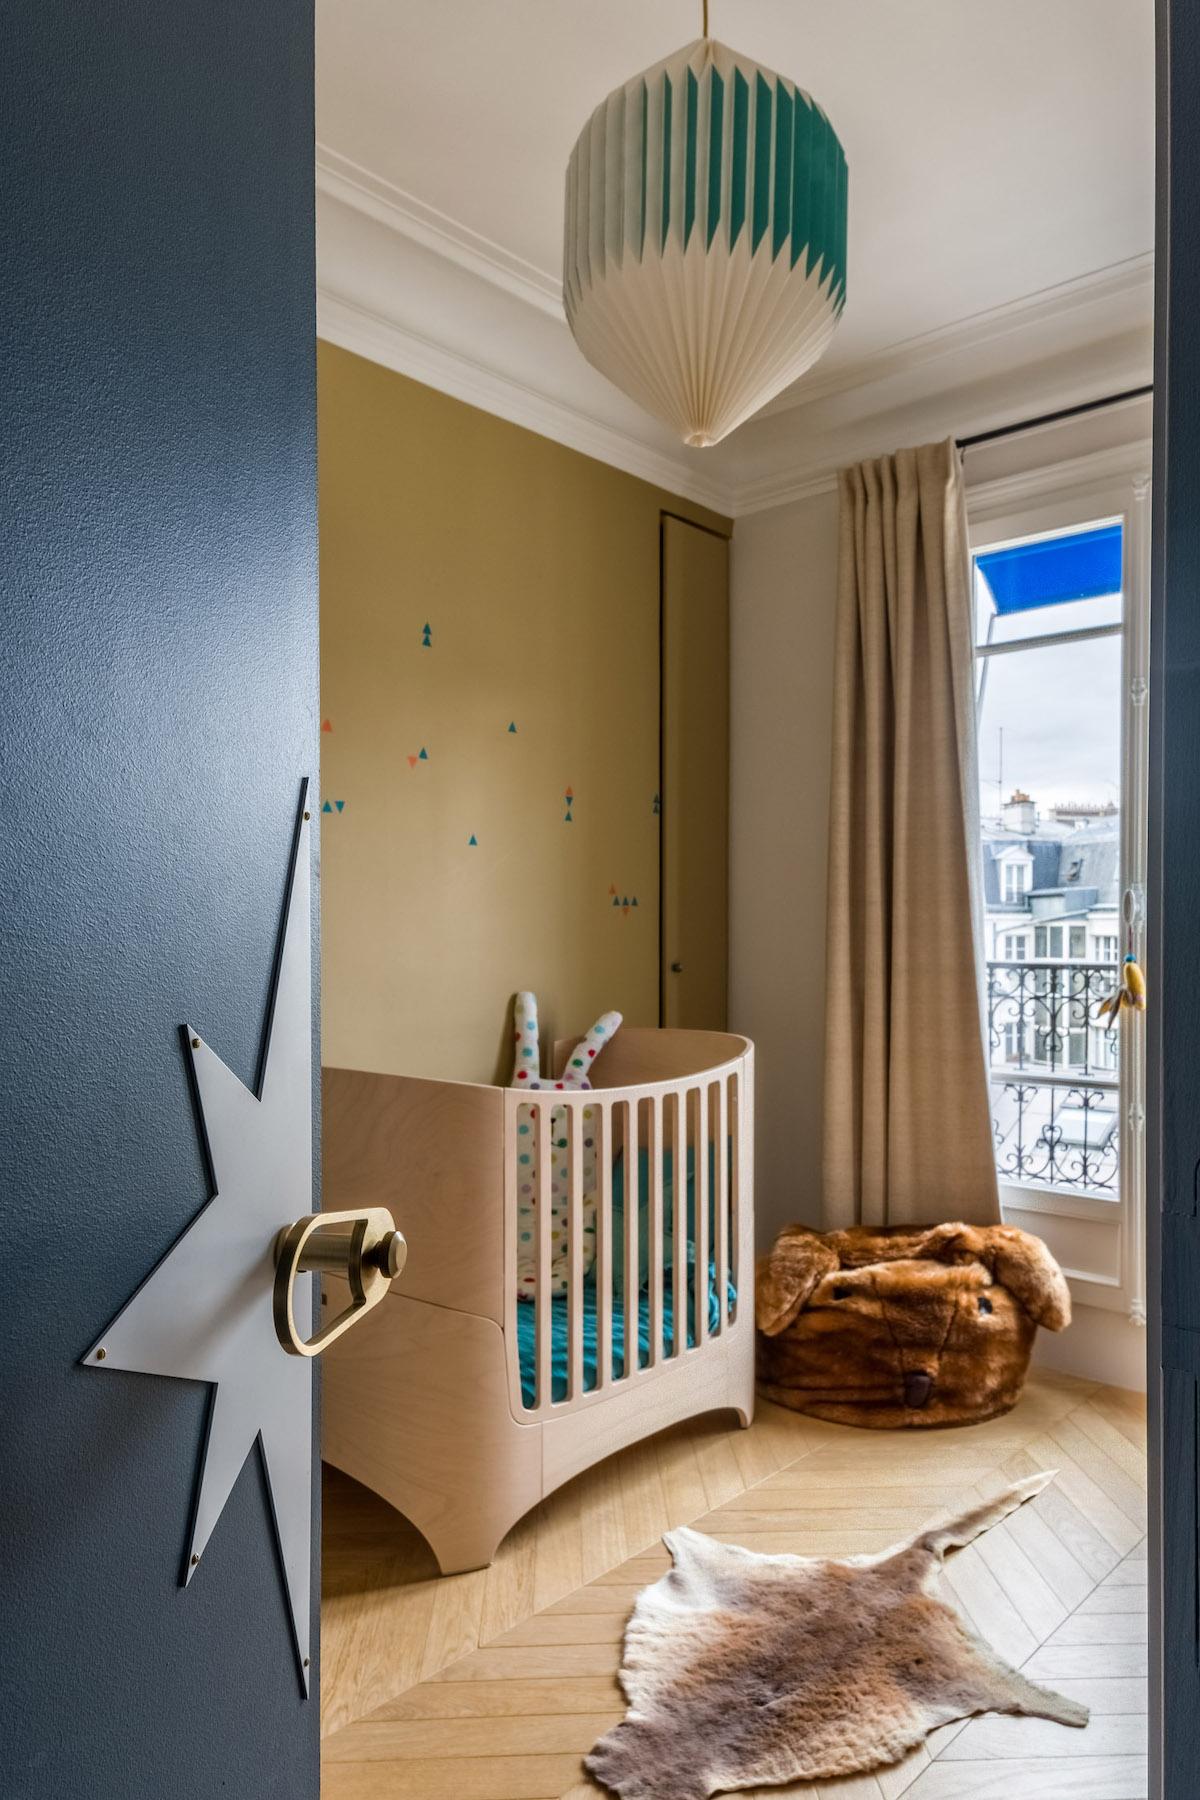 chambre enfant bébé gris foncé jaune moutarde porte étoile lit barreaux bois tapis peau